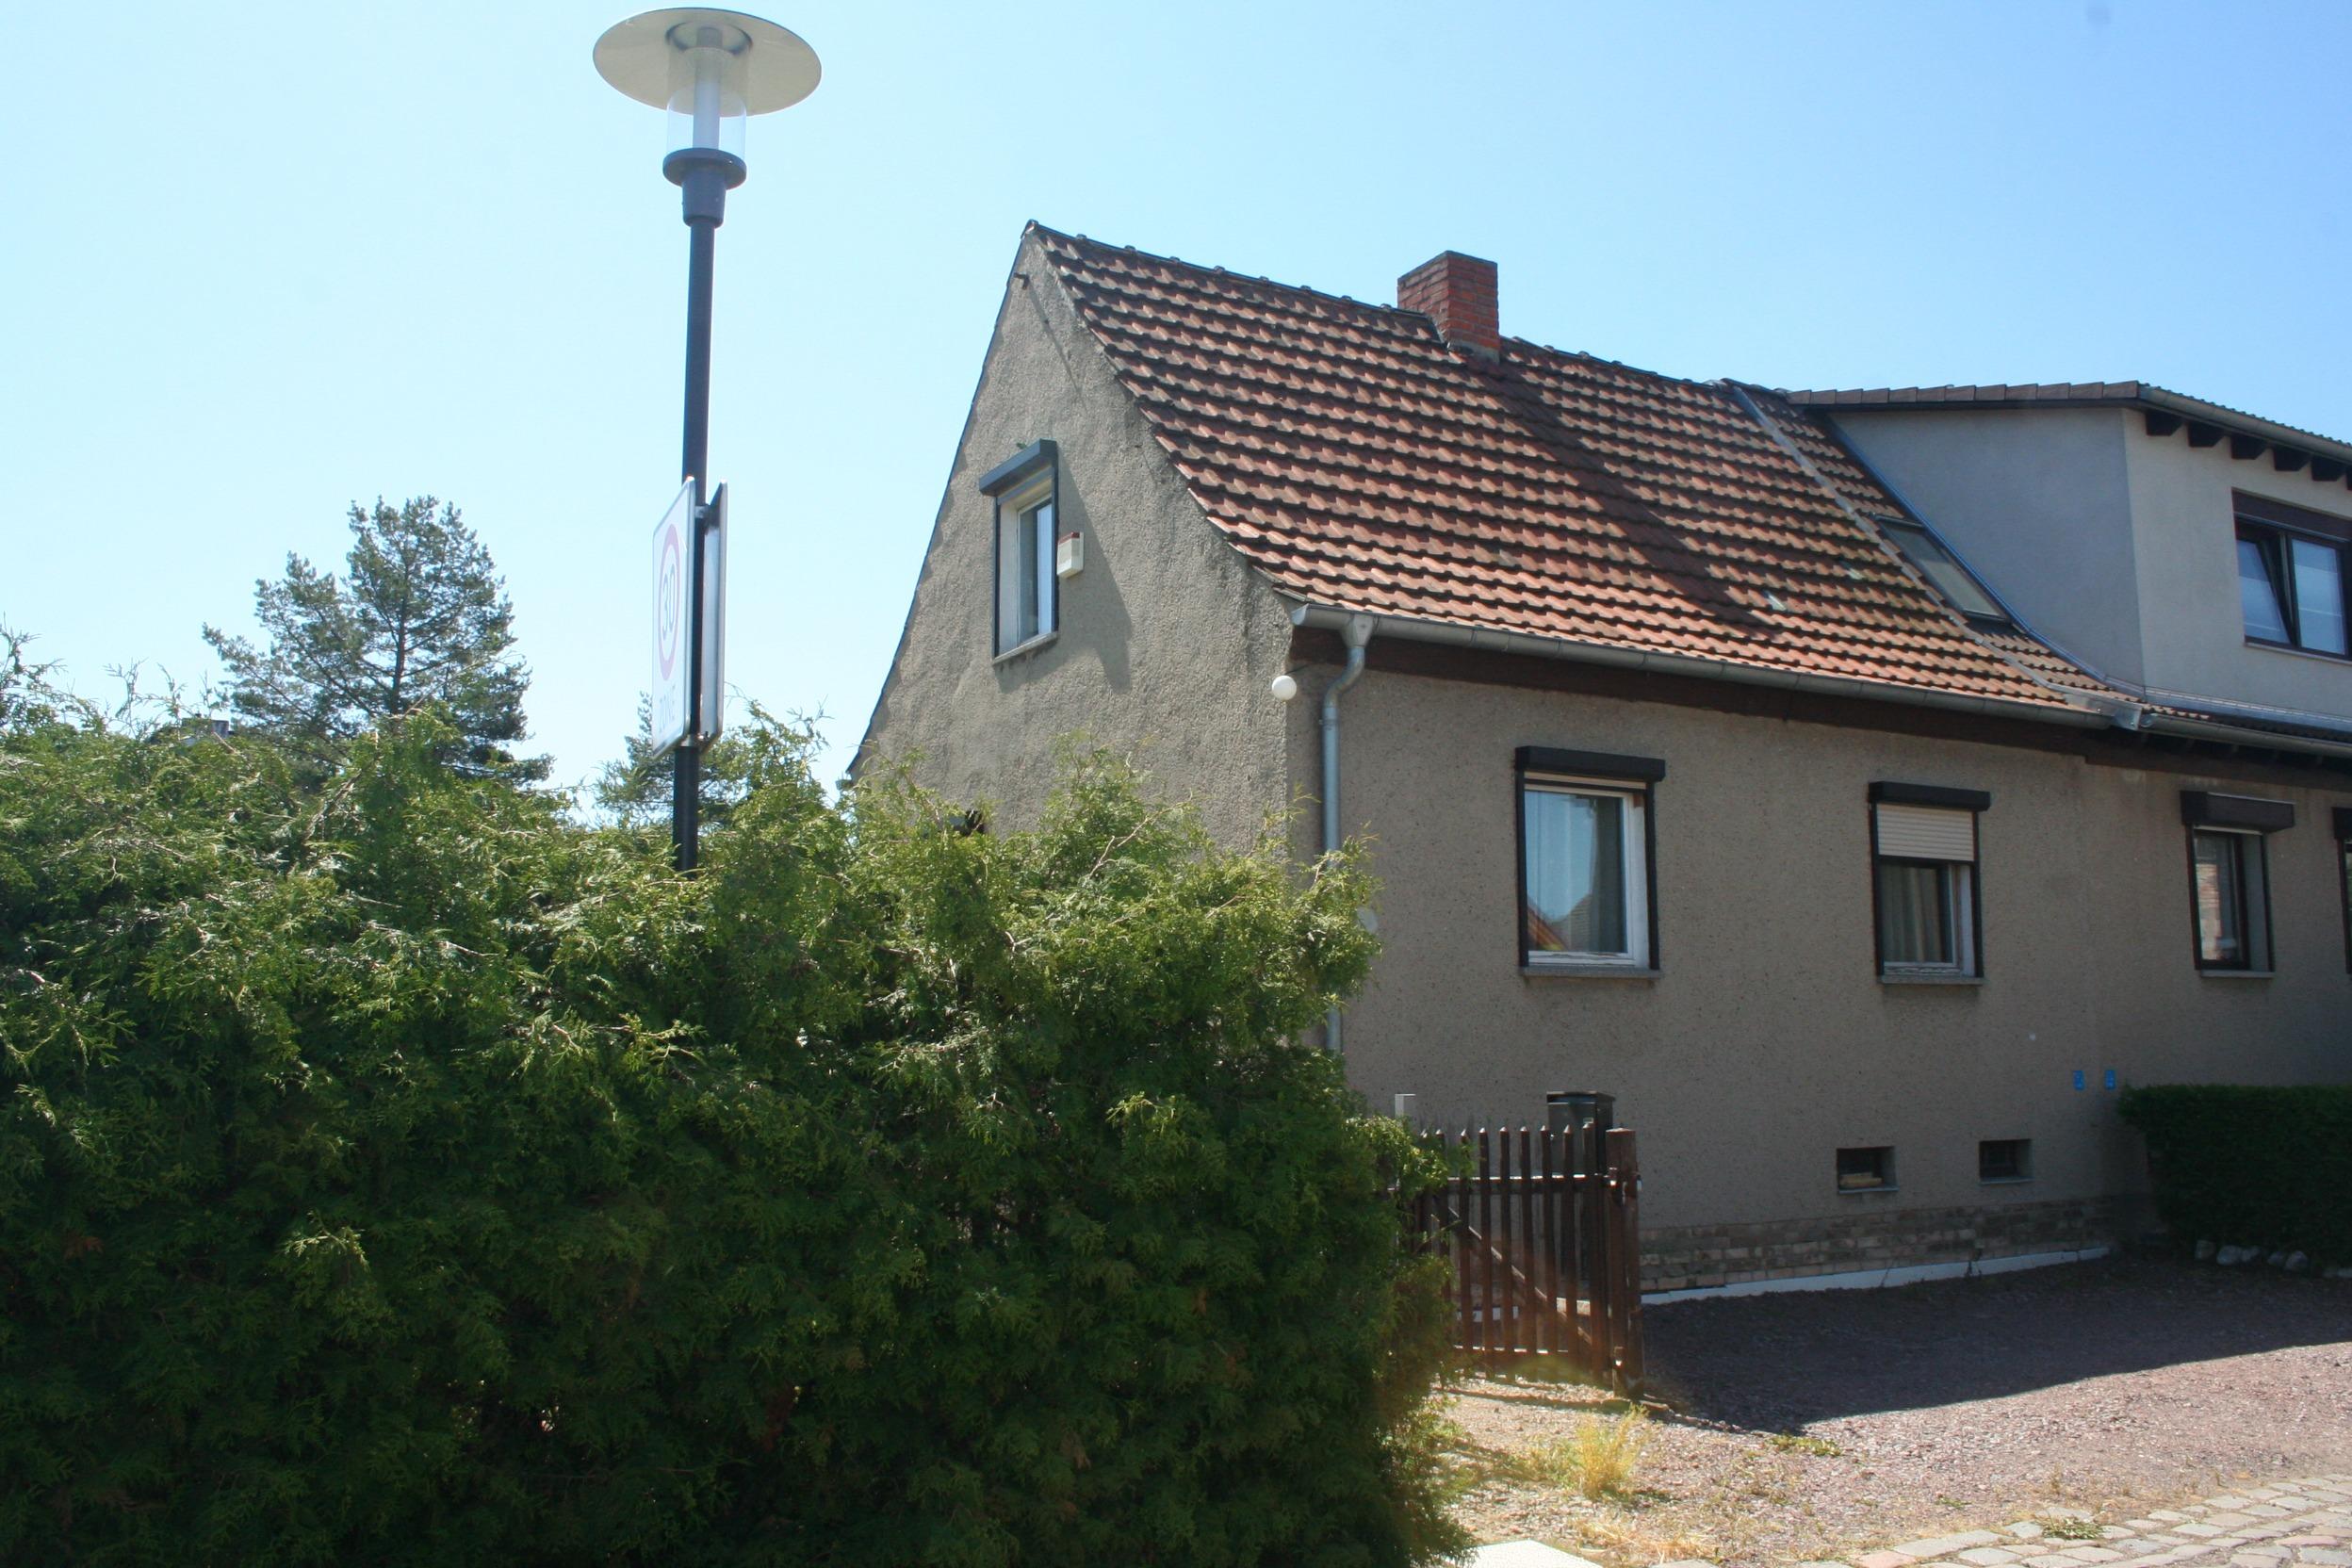 Einfamilienhaus Halle - Straßenansicht